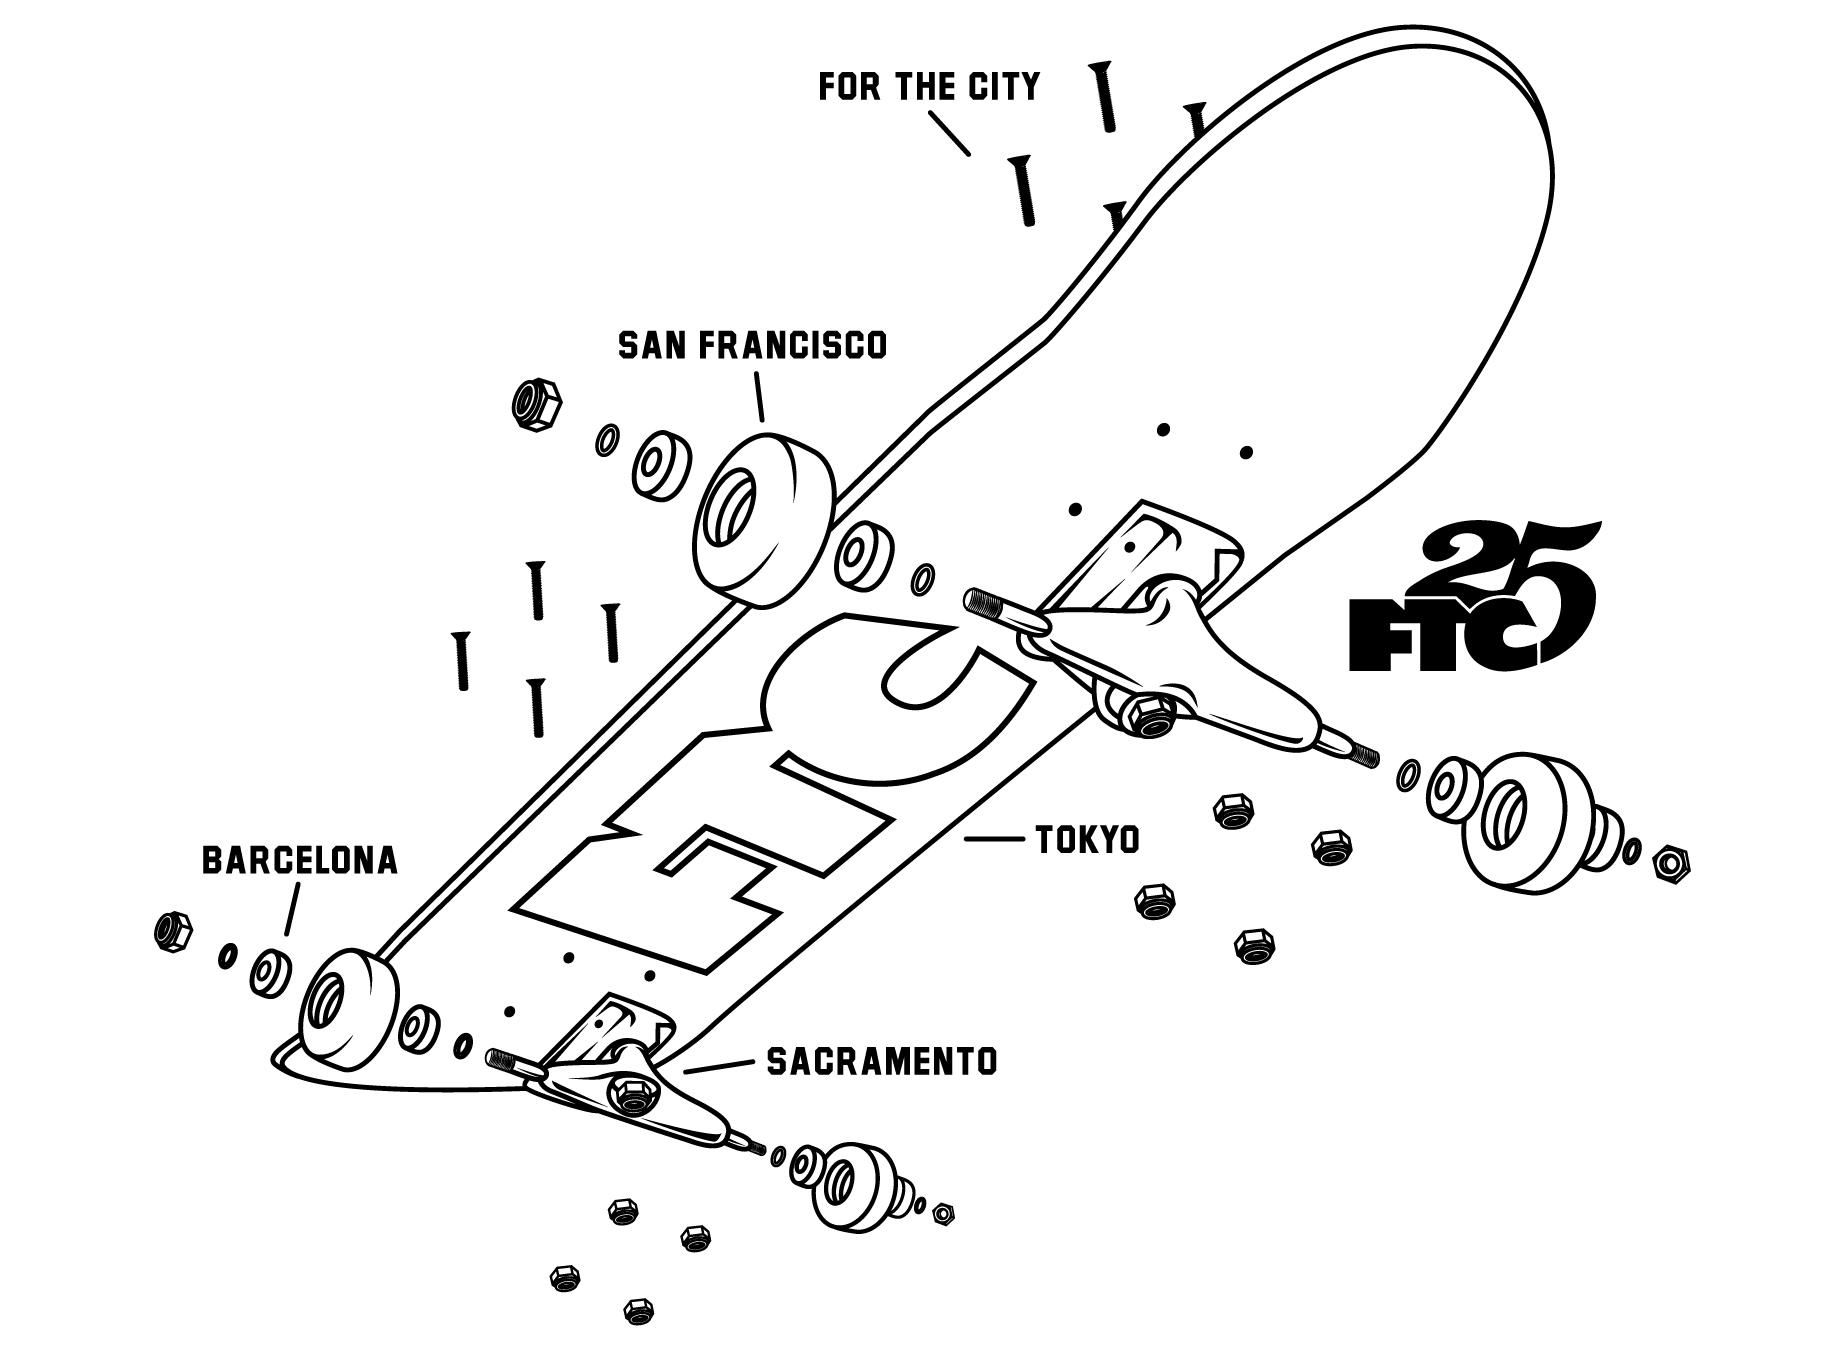 5_skate-redux.jpg